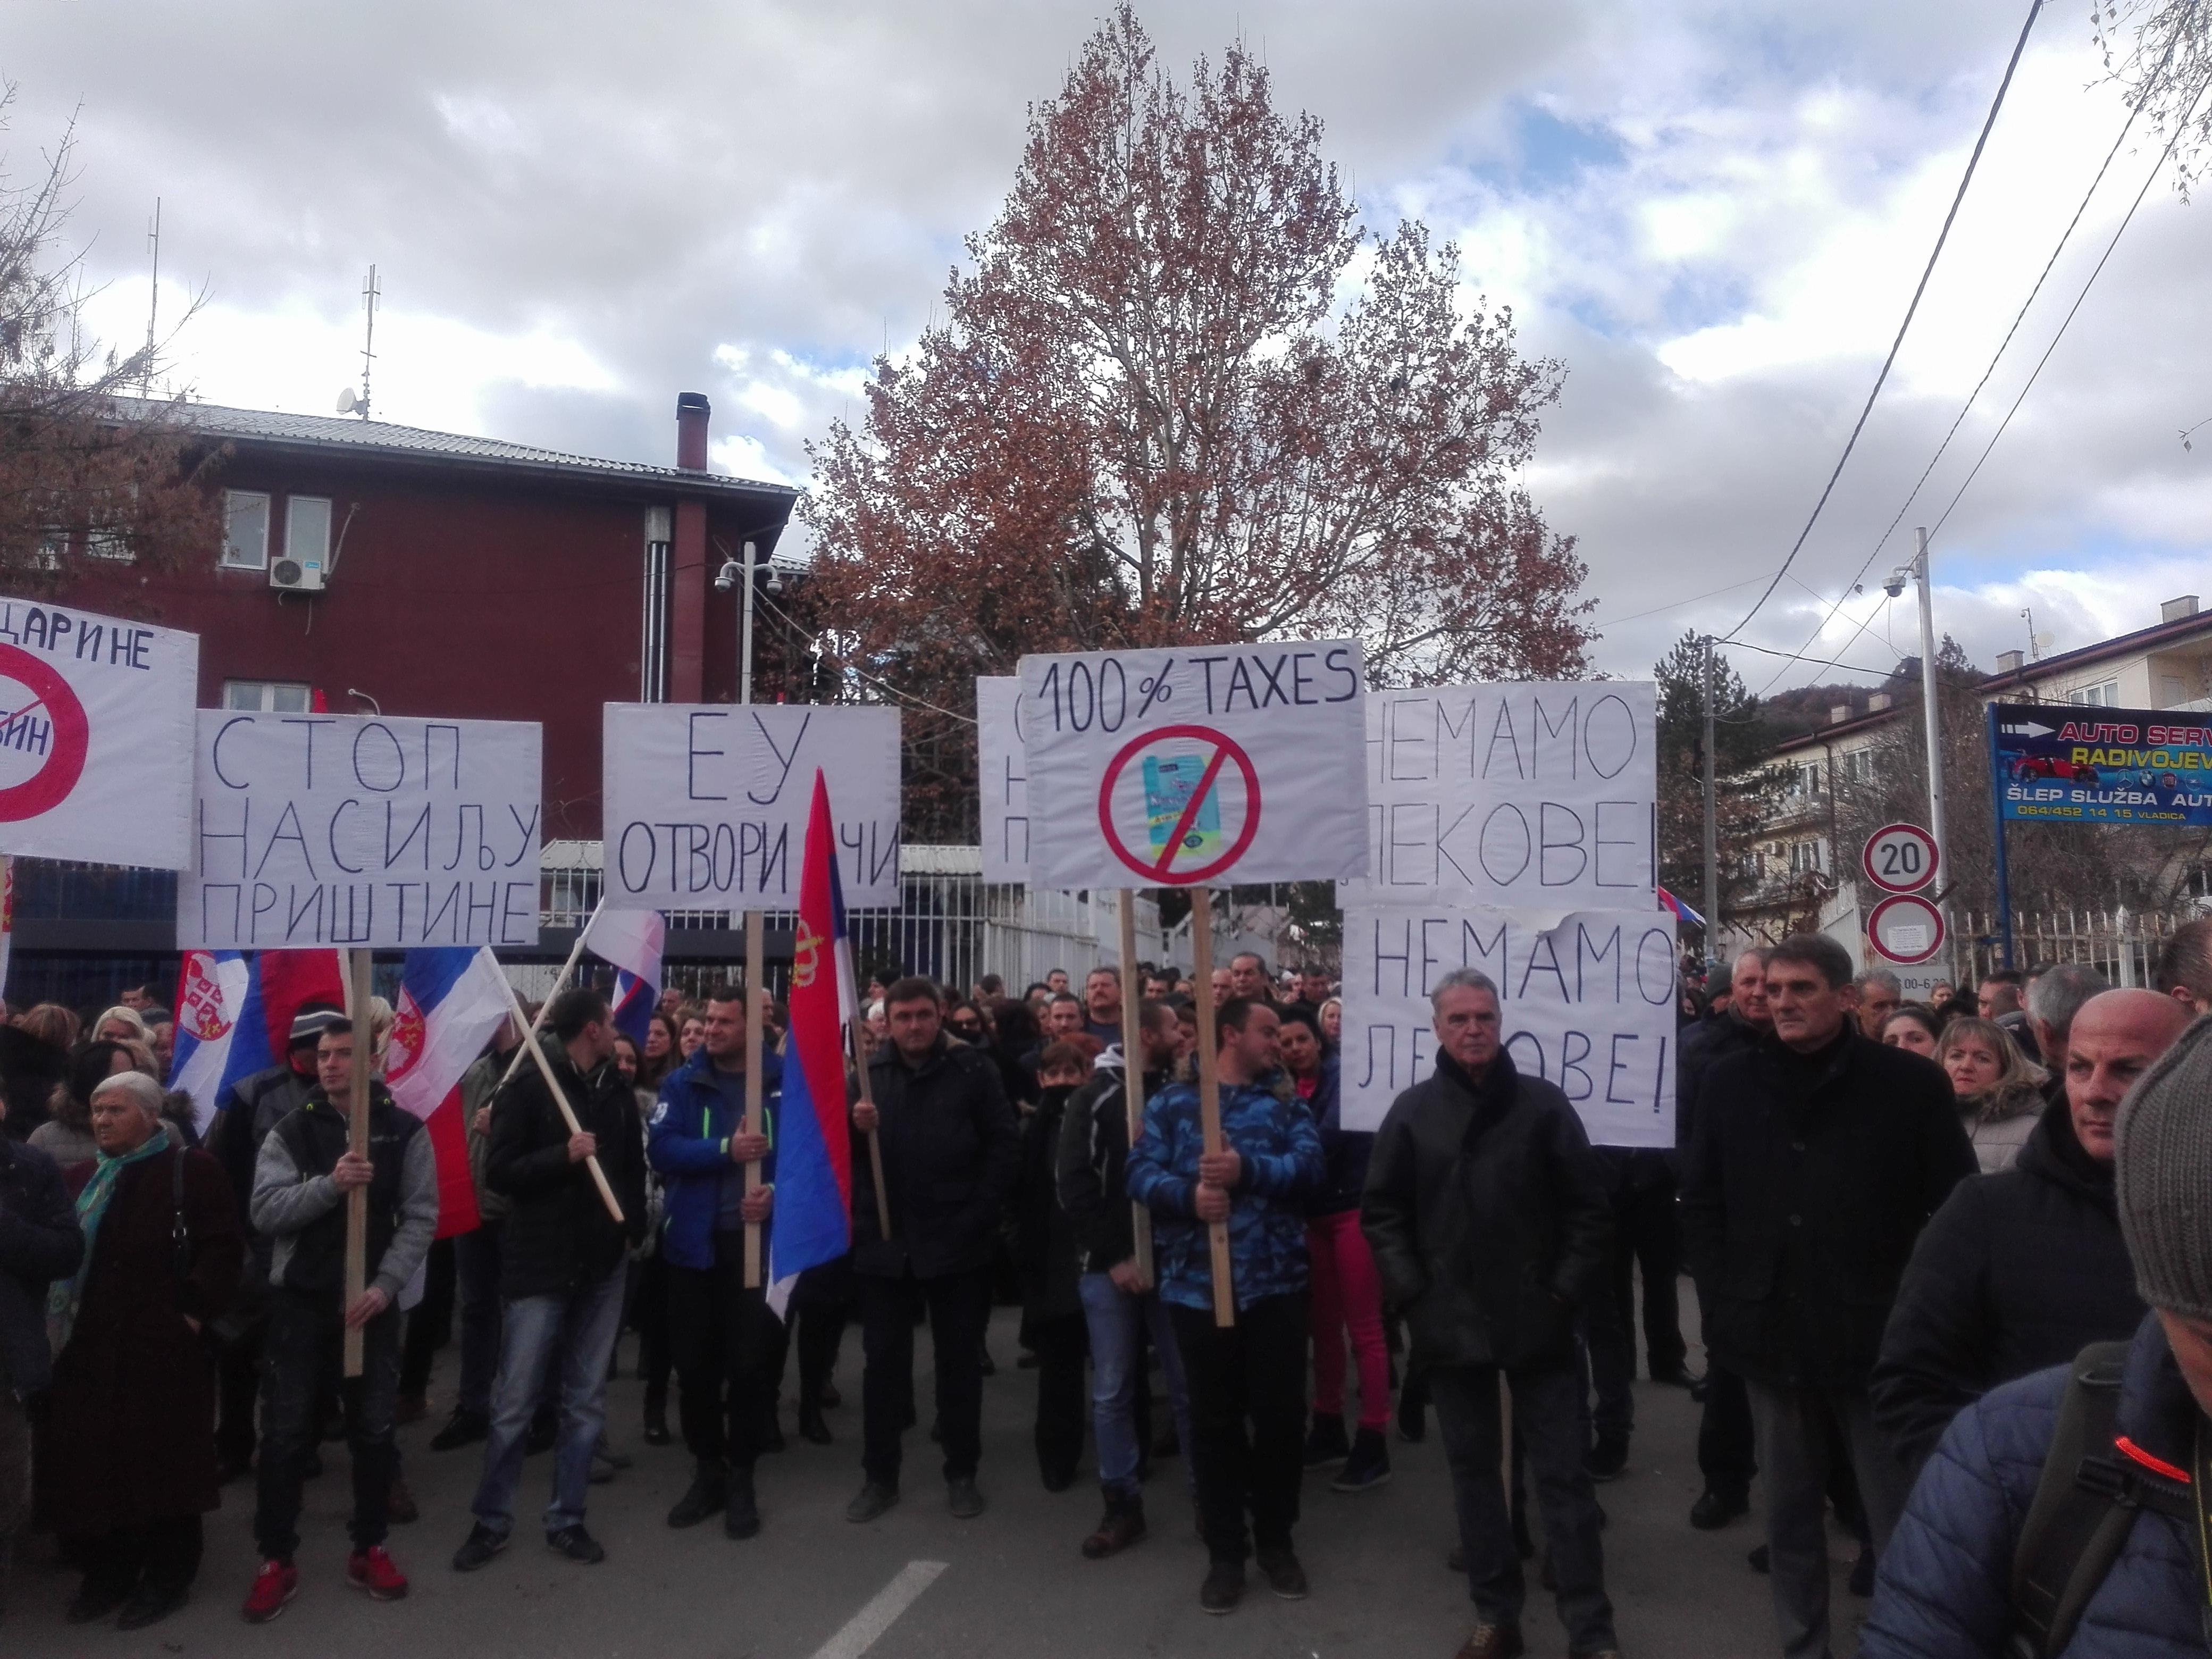 U Kosovskoj Mitrovici održan novi protest zbog mera privremenih institucija u Prištini (video)